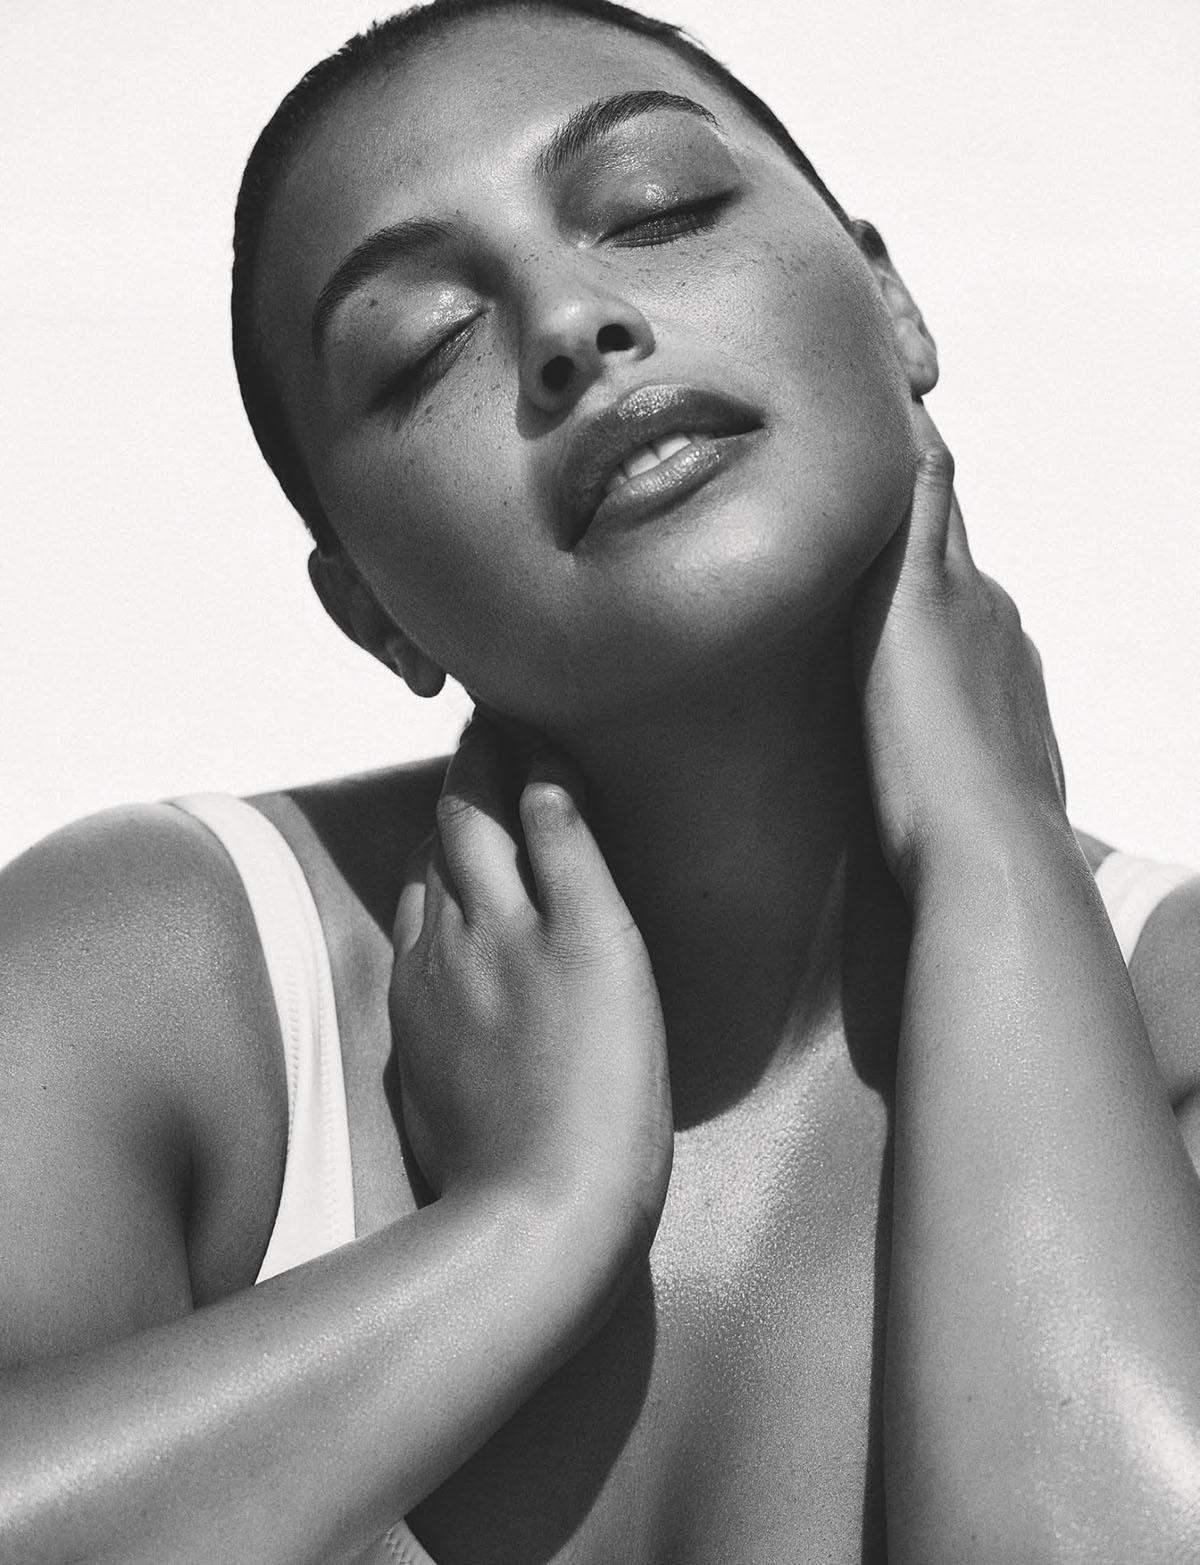 Paloma Elsesser by Dan Martensen for British Vogue July 2021